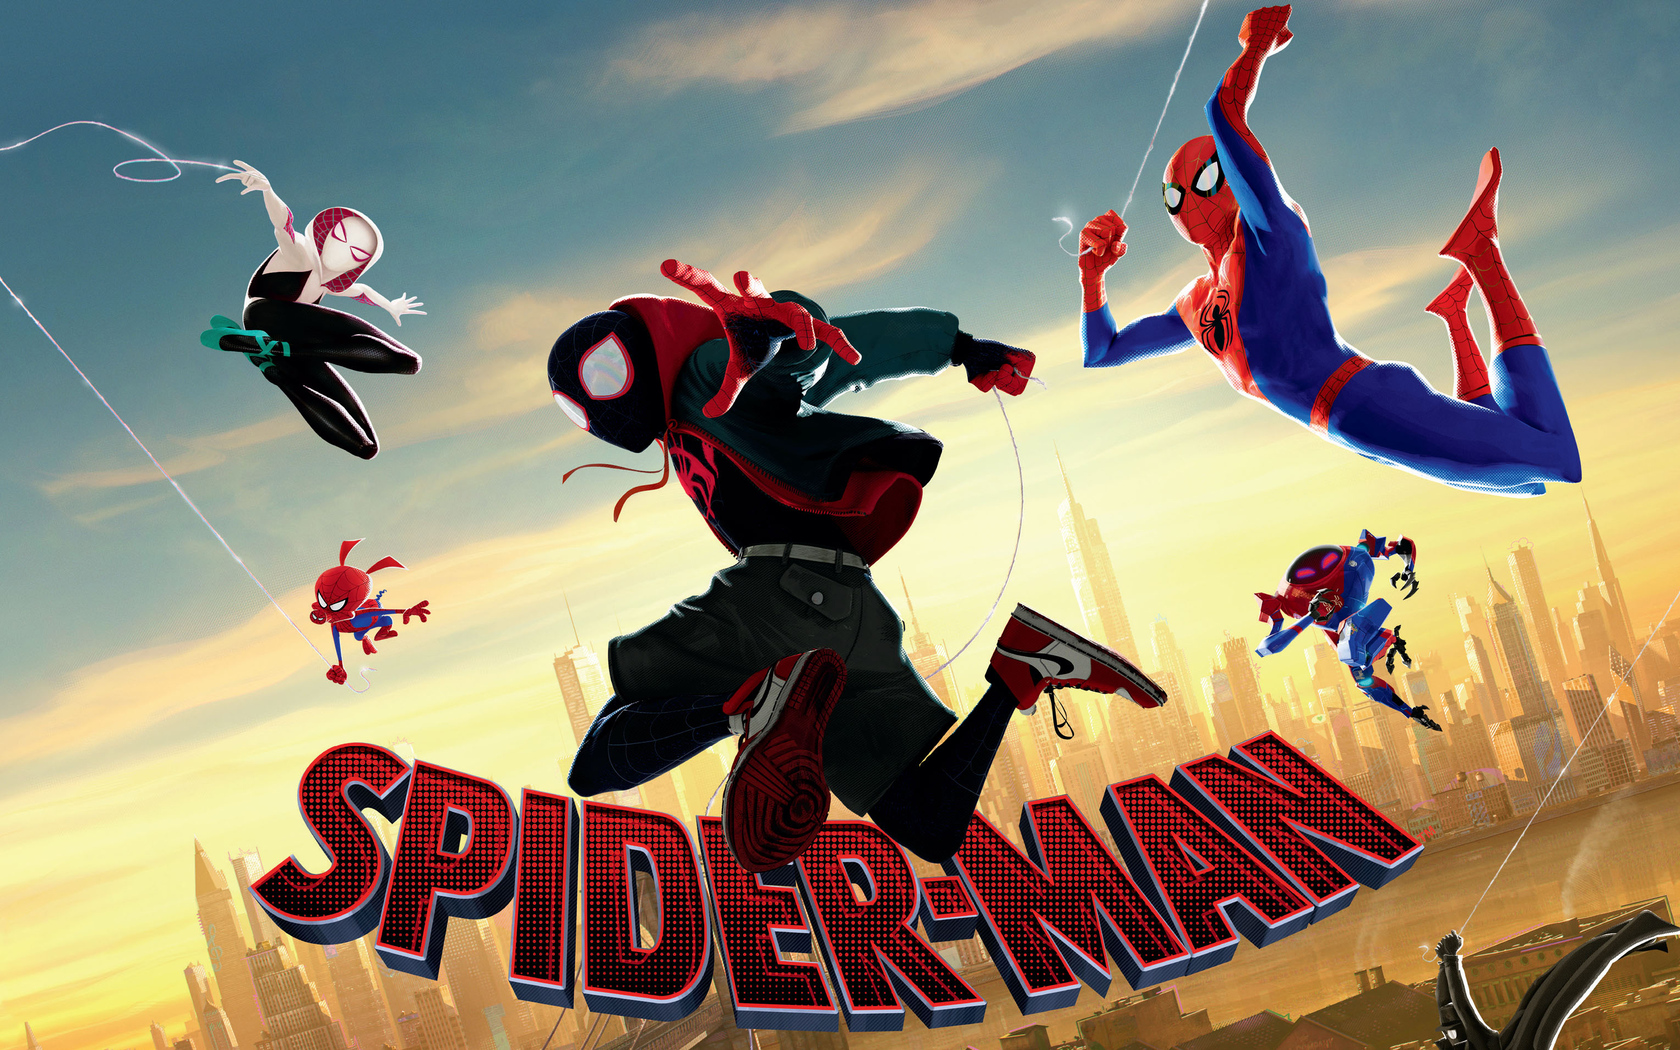 1680x1050 SpiderMan Into The Spider Verse Movie 4k Movie ...